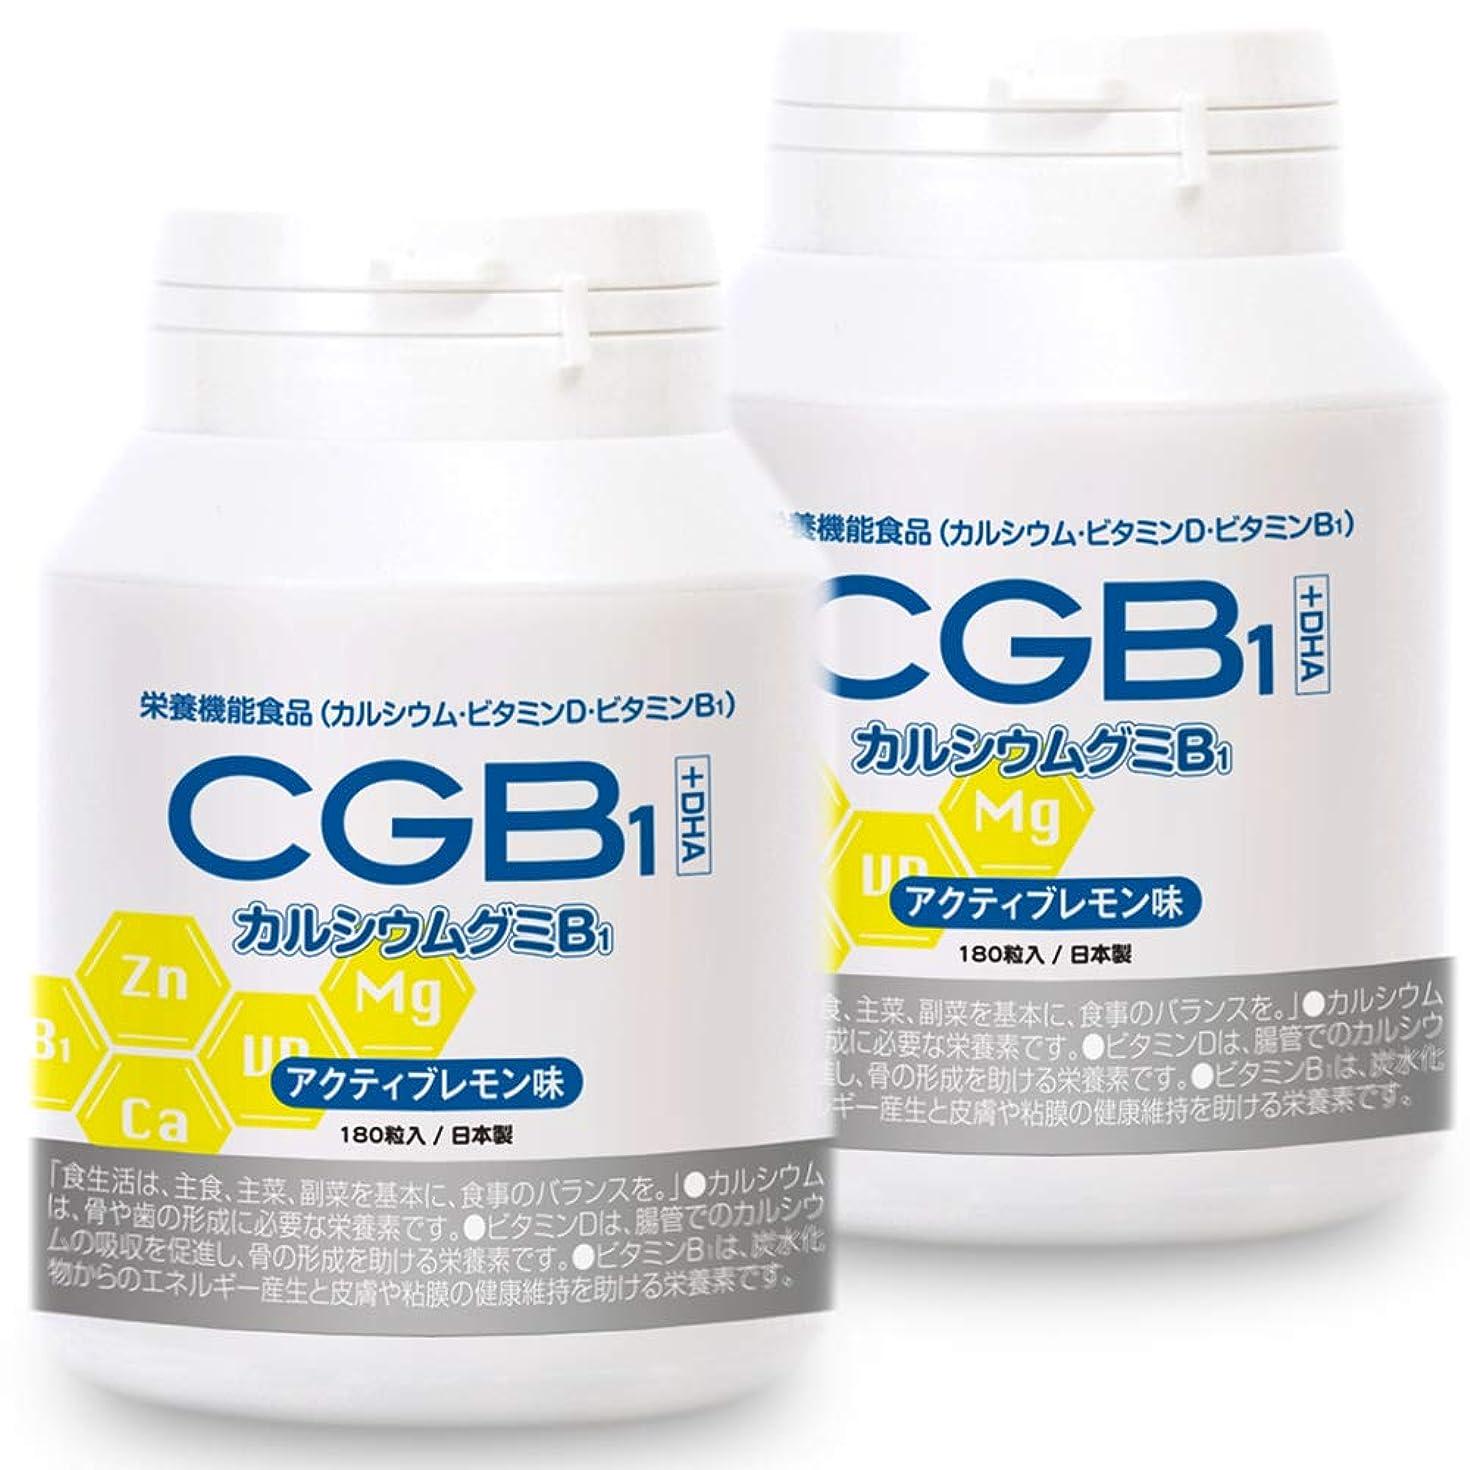 天皇上院致命的な成長サプリ カルシウムグミB1 レモン味 2箱セット 60日分 伸び盛り 中高生 身長 健康 偏食 DHA VB1 アルギニン 乳酸菌 栄養機能食品